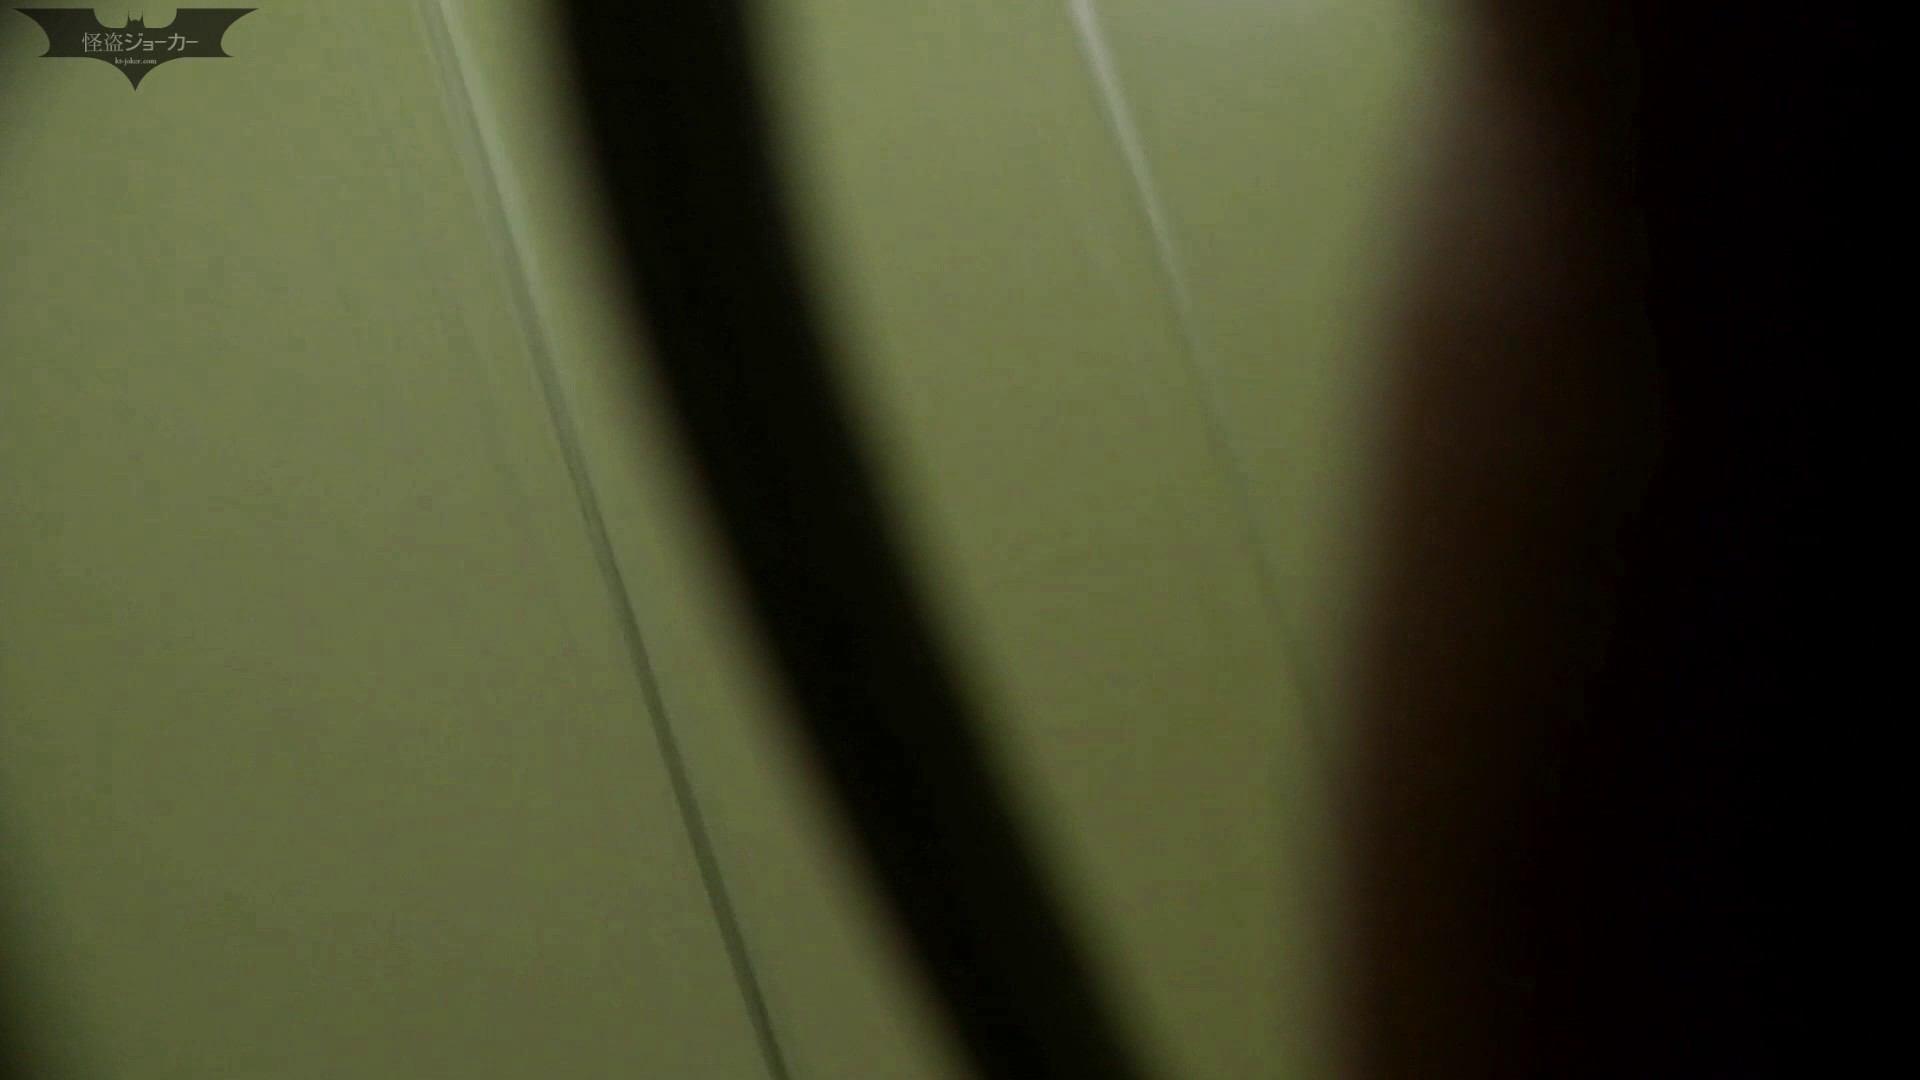 「洗面所突入レポート!!」vol.56まず並ぶ所から!決して真似しないでください エッチすぎるOL達 オメコ無修正動画無料 66連発 2